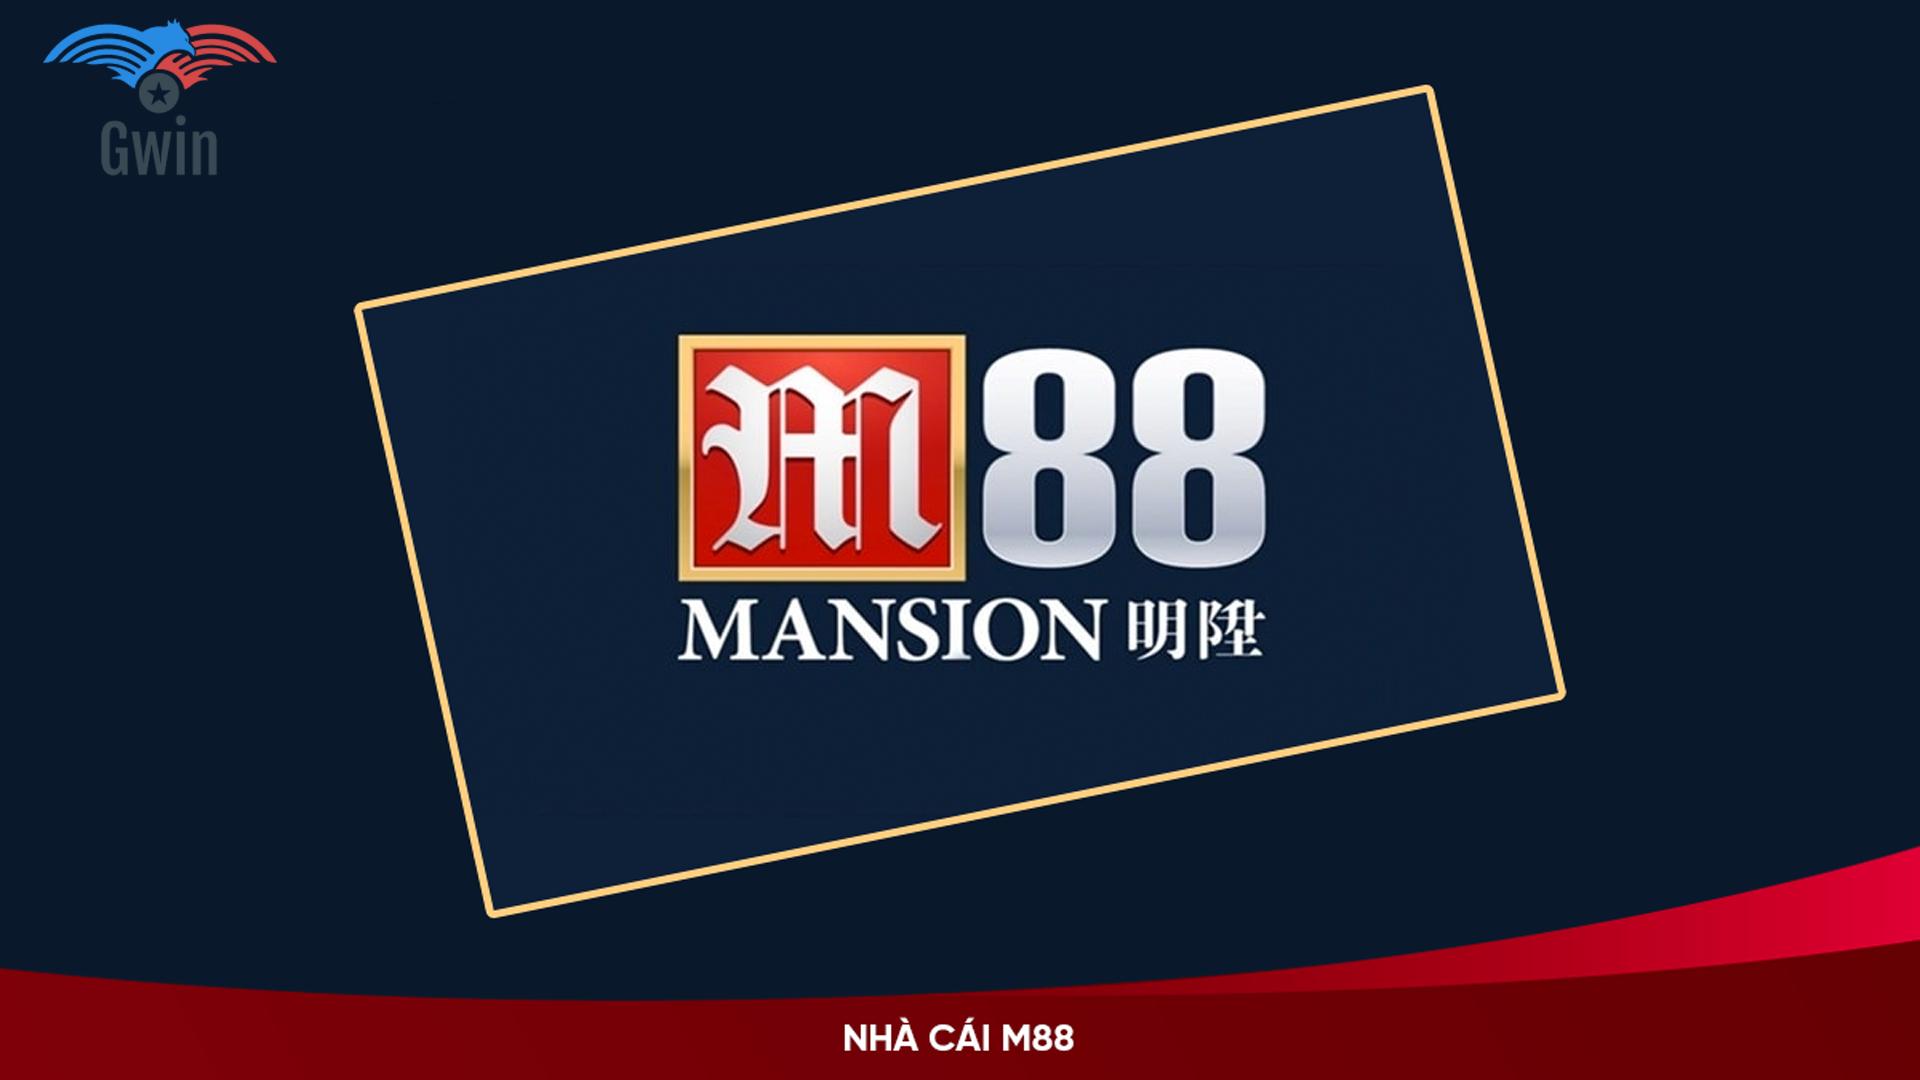 Lưu ý khi đăng ký tài khoản M88